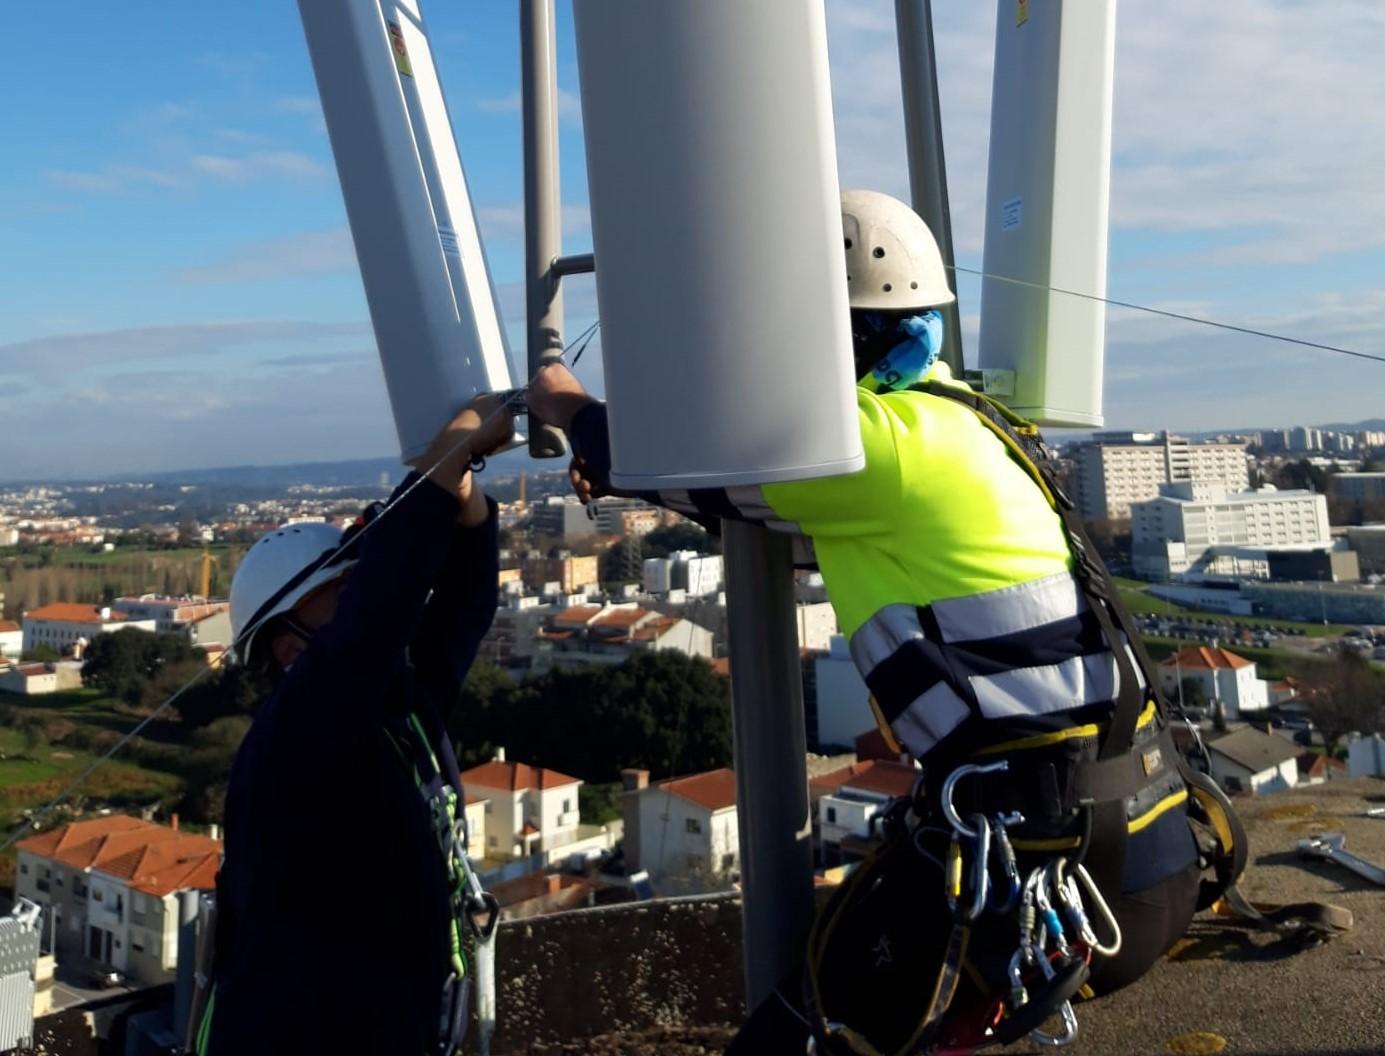 iotsens-telelectura-portugal-oporto-innovacion-tecnologia